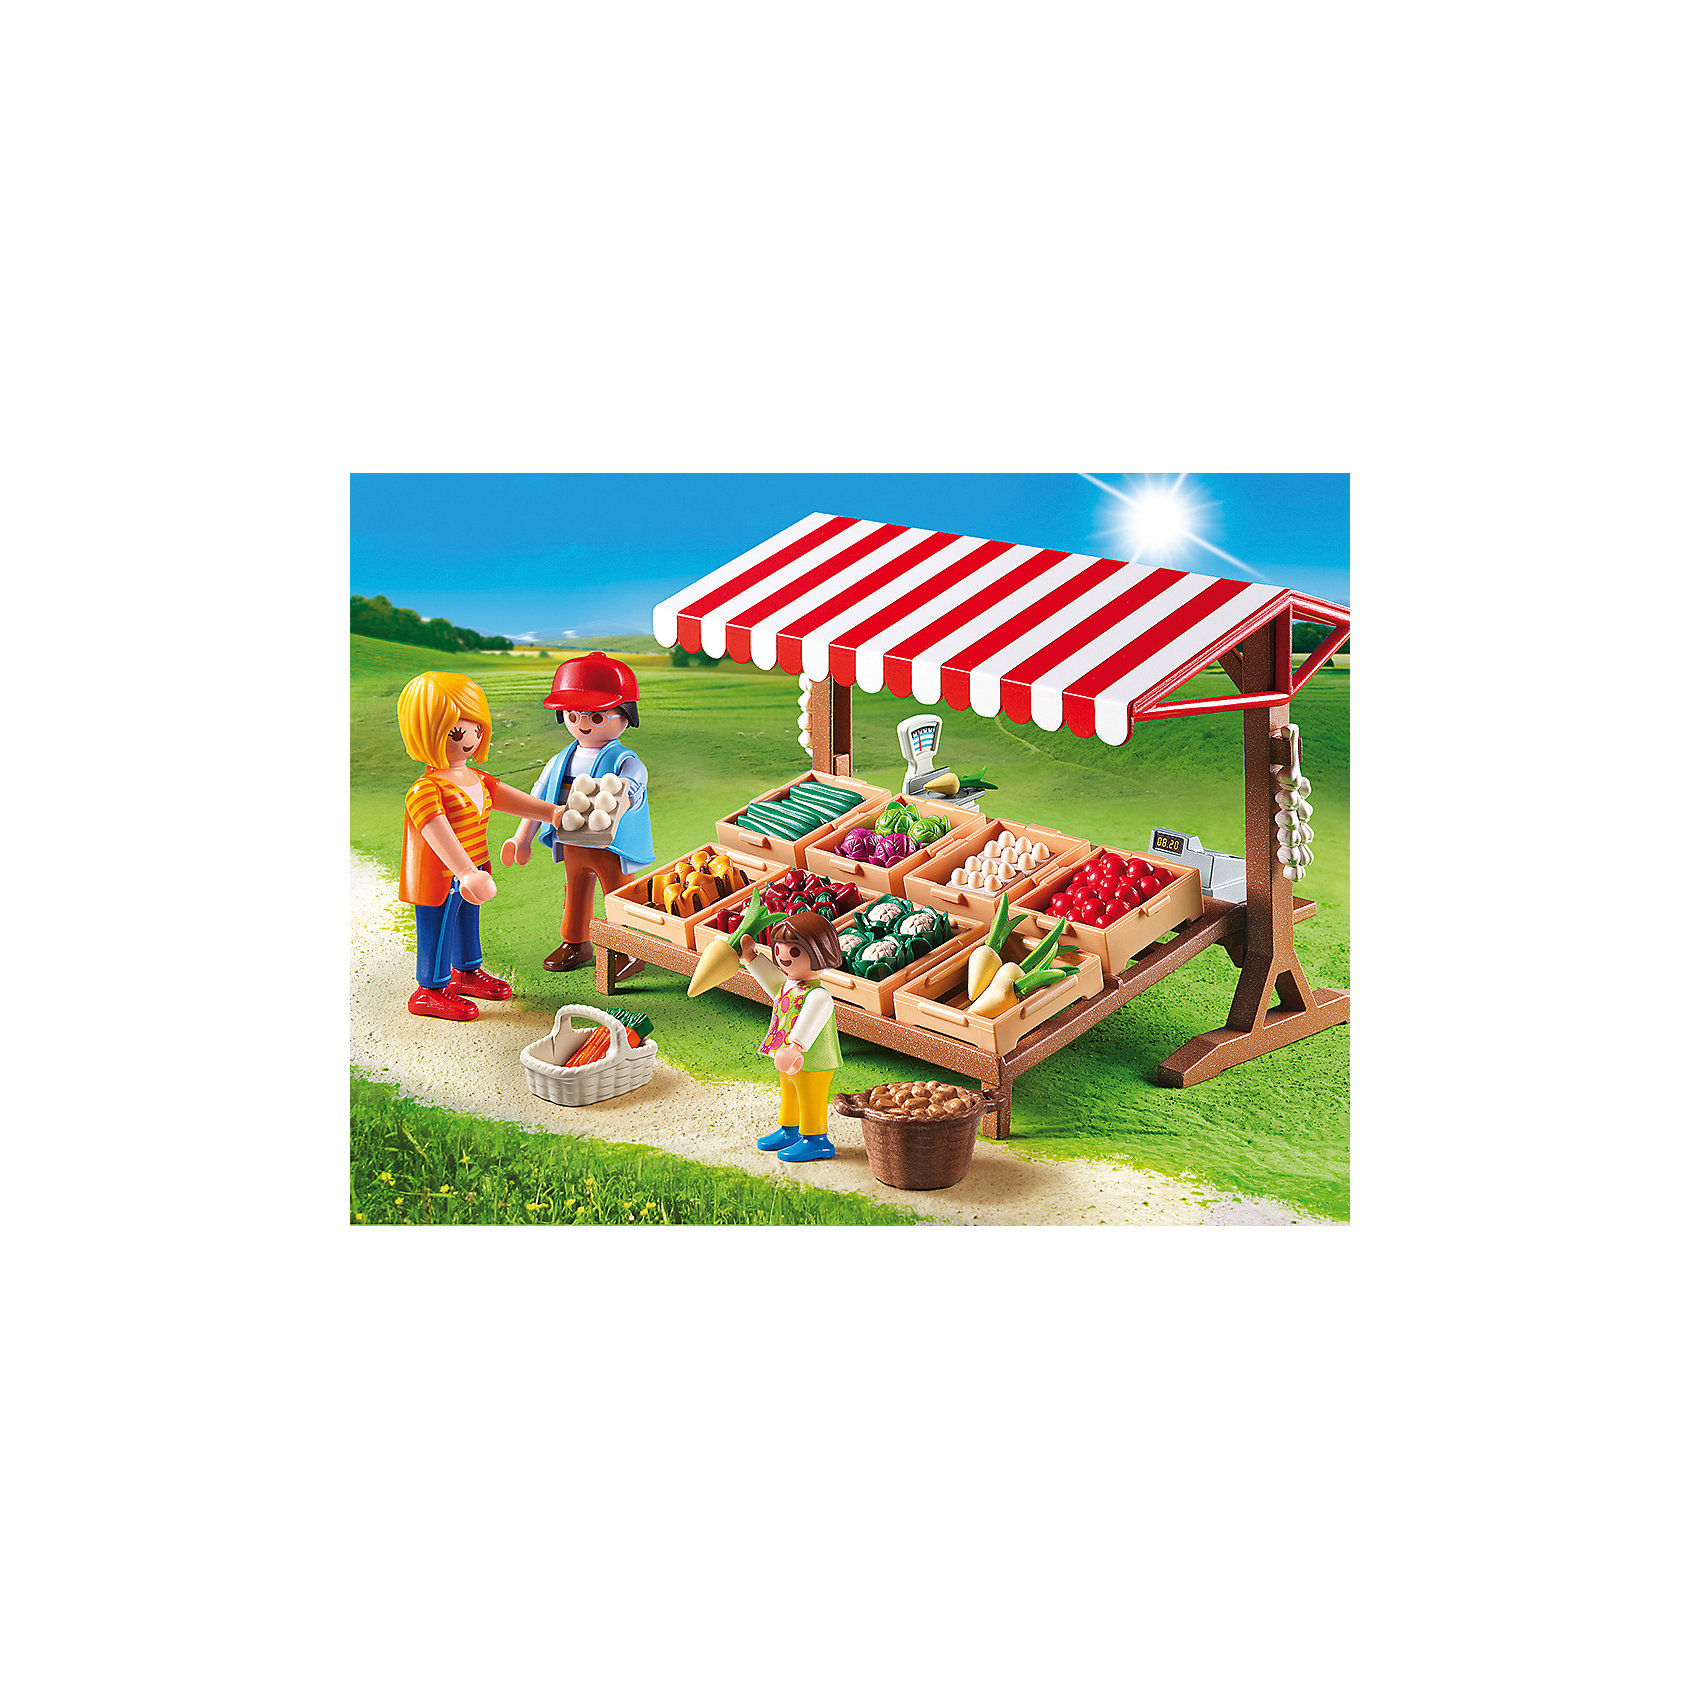 PLAYMOBIL® Фермерский рынок, PLAYMOBIL фигурки игрушки playmobil зоопарк стая фламинго